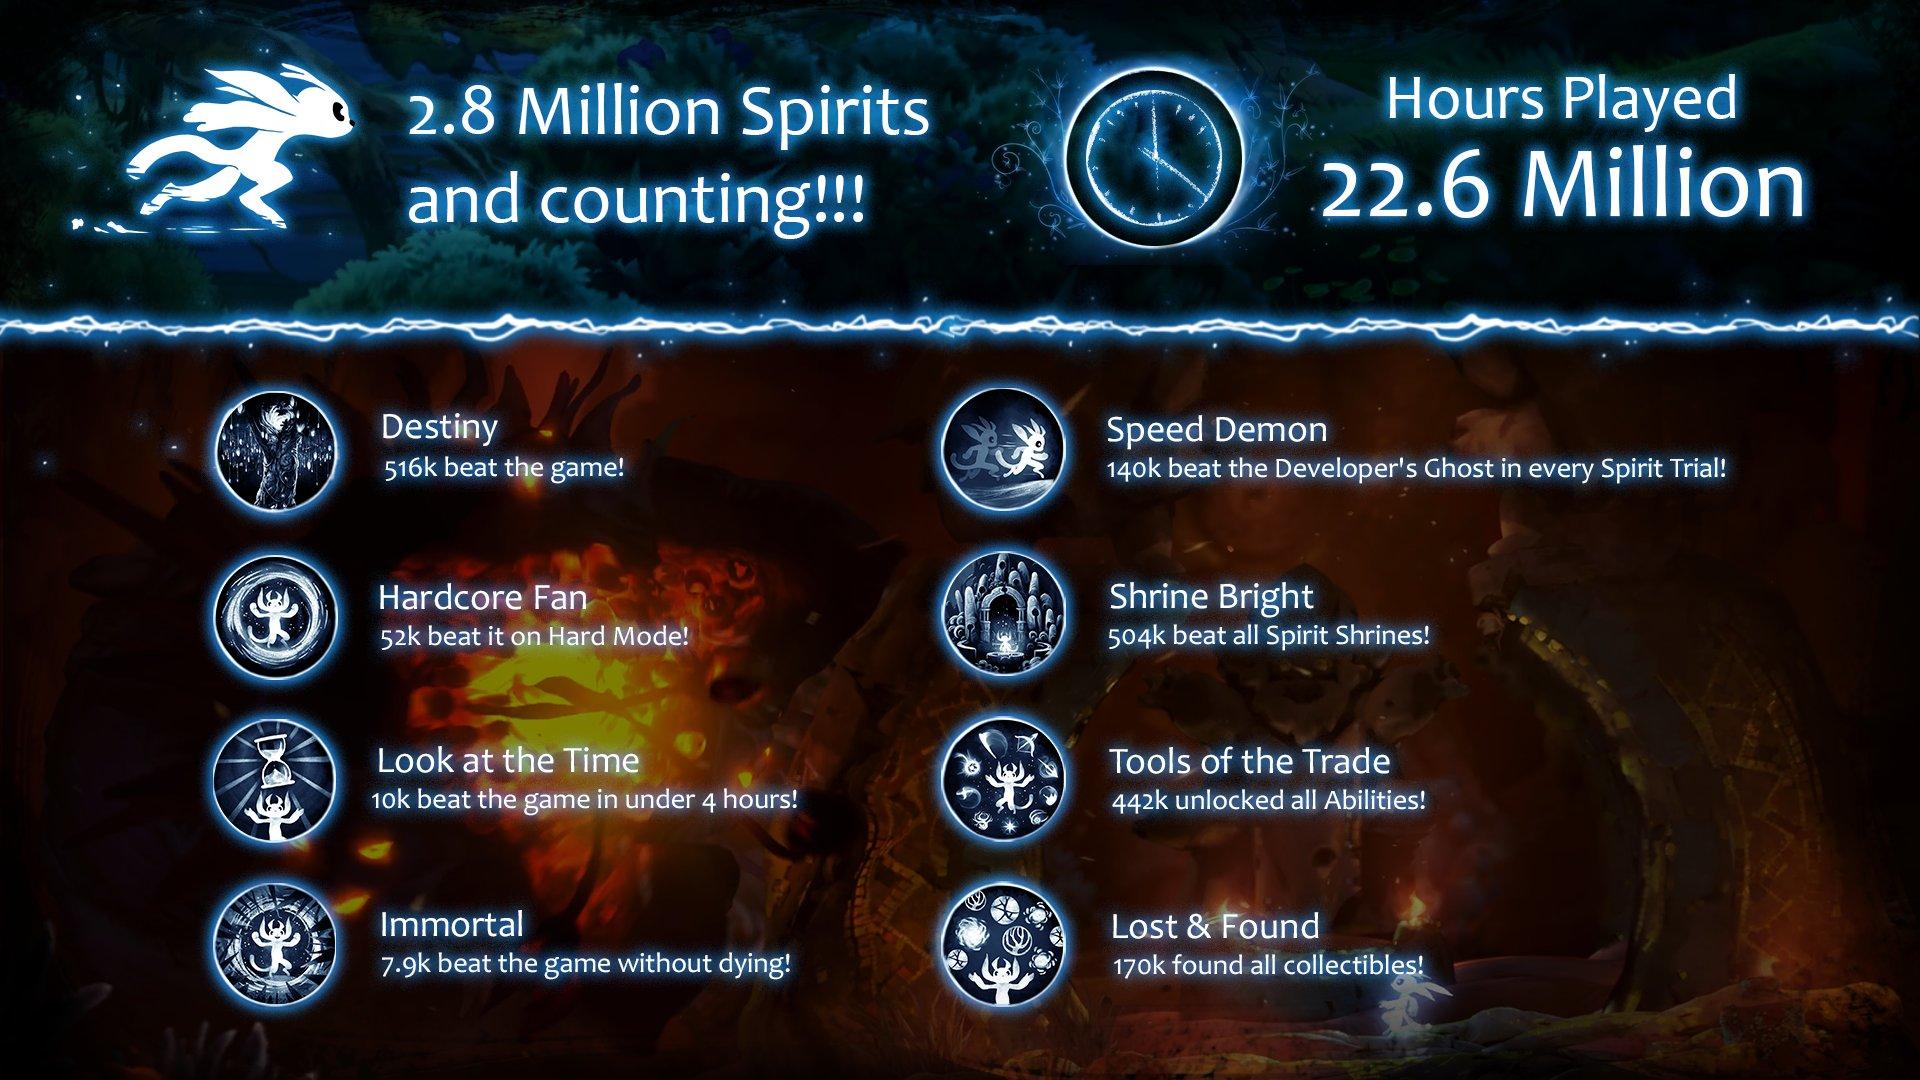 《精灵与萤火毅力》成果数据更新 7900名玩家一命通关